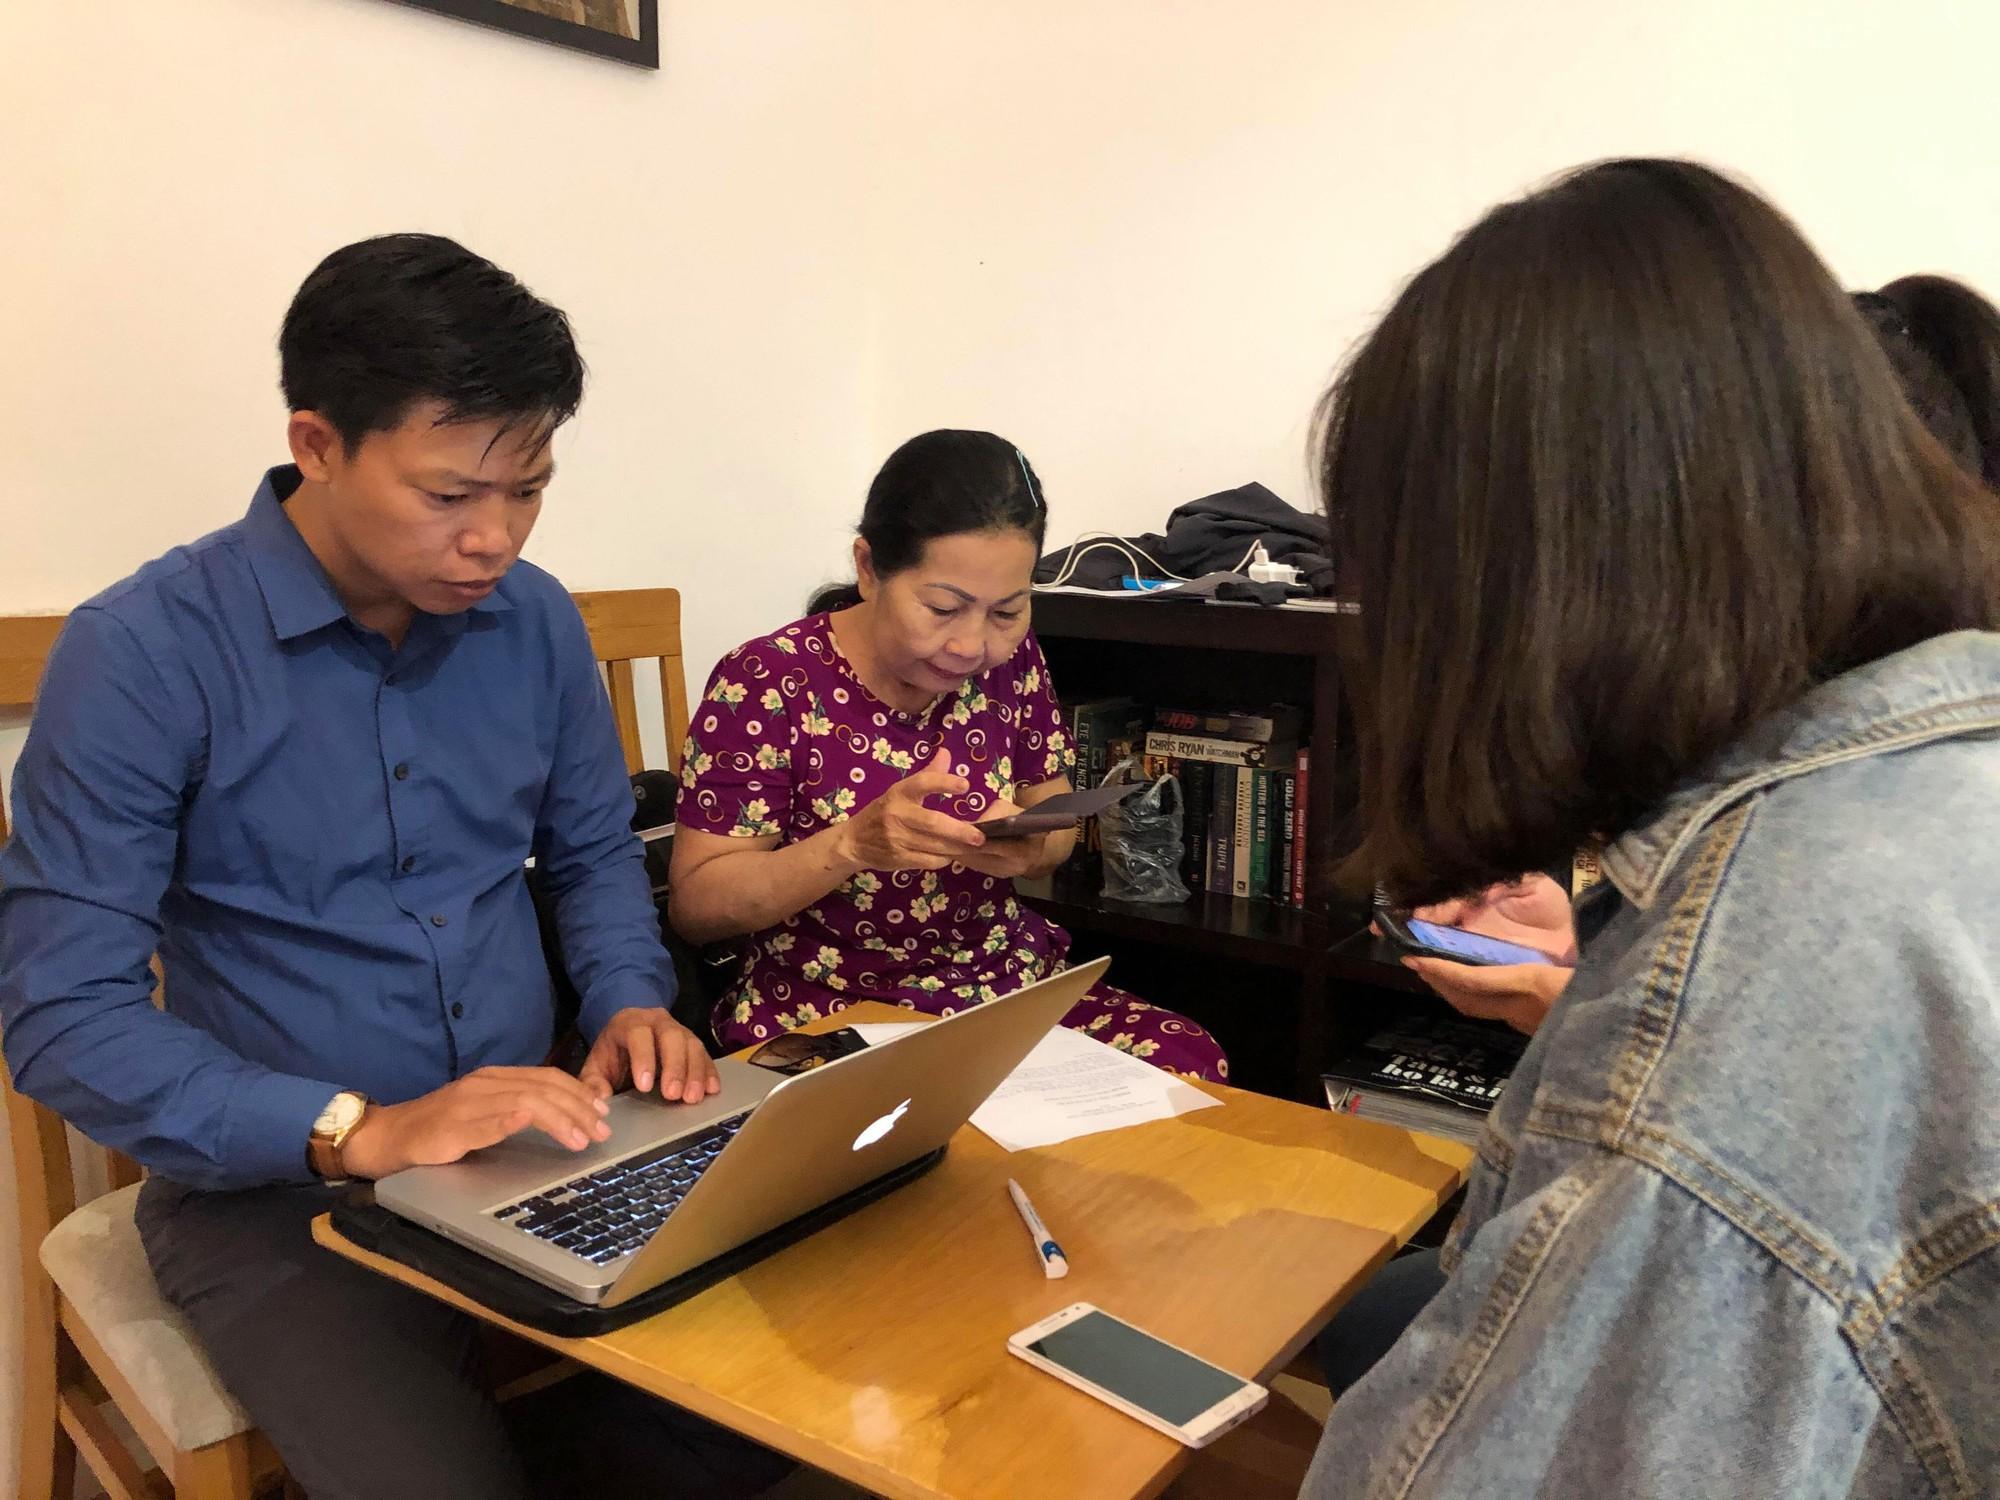 Nữ sinh bị sàm sỡ nhận được tin nhắn từ FB của người xưng là vợ phụ xe Phương Trang: Chị ấy nói ủng hộ em làm đơn tố giác - Ảnh 3.